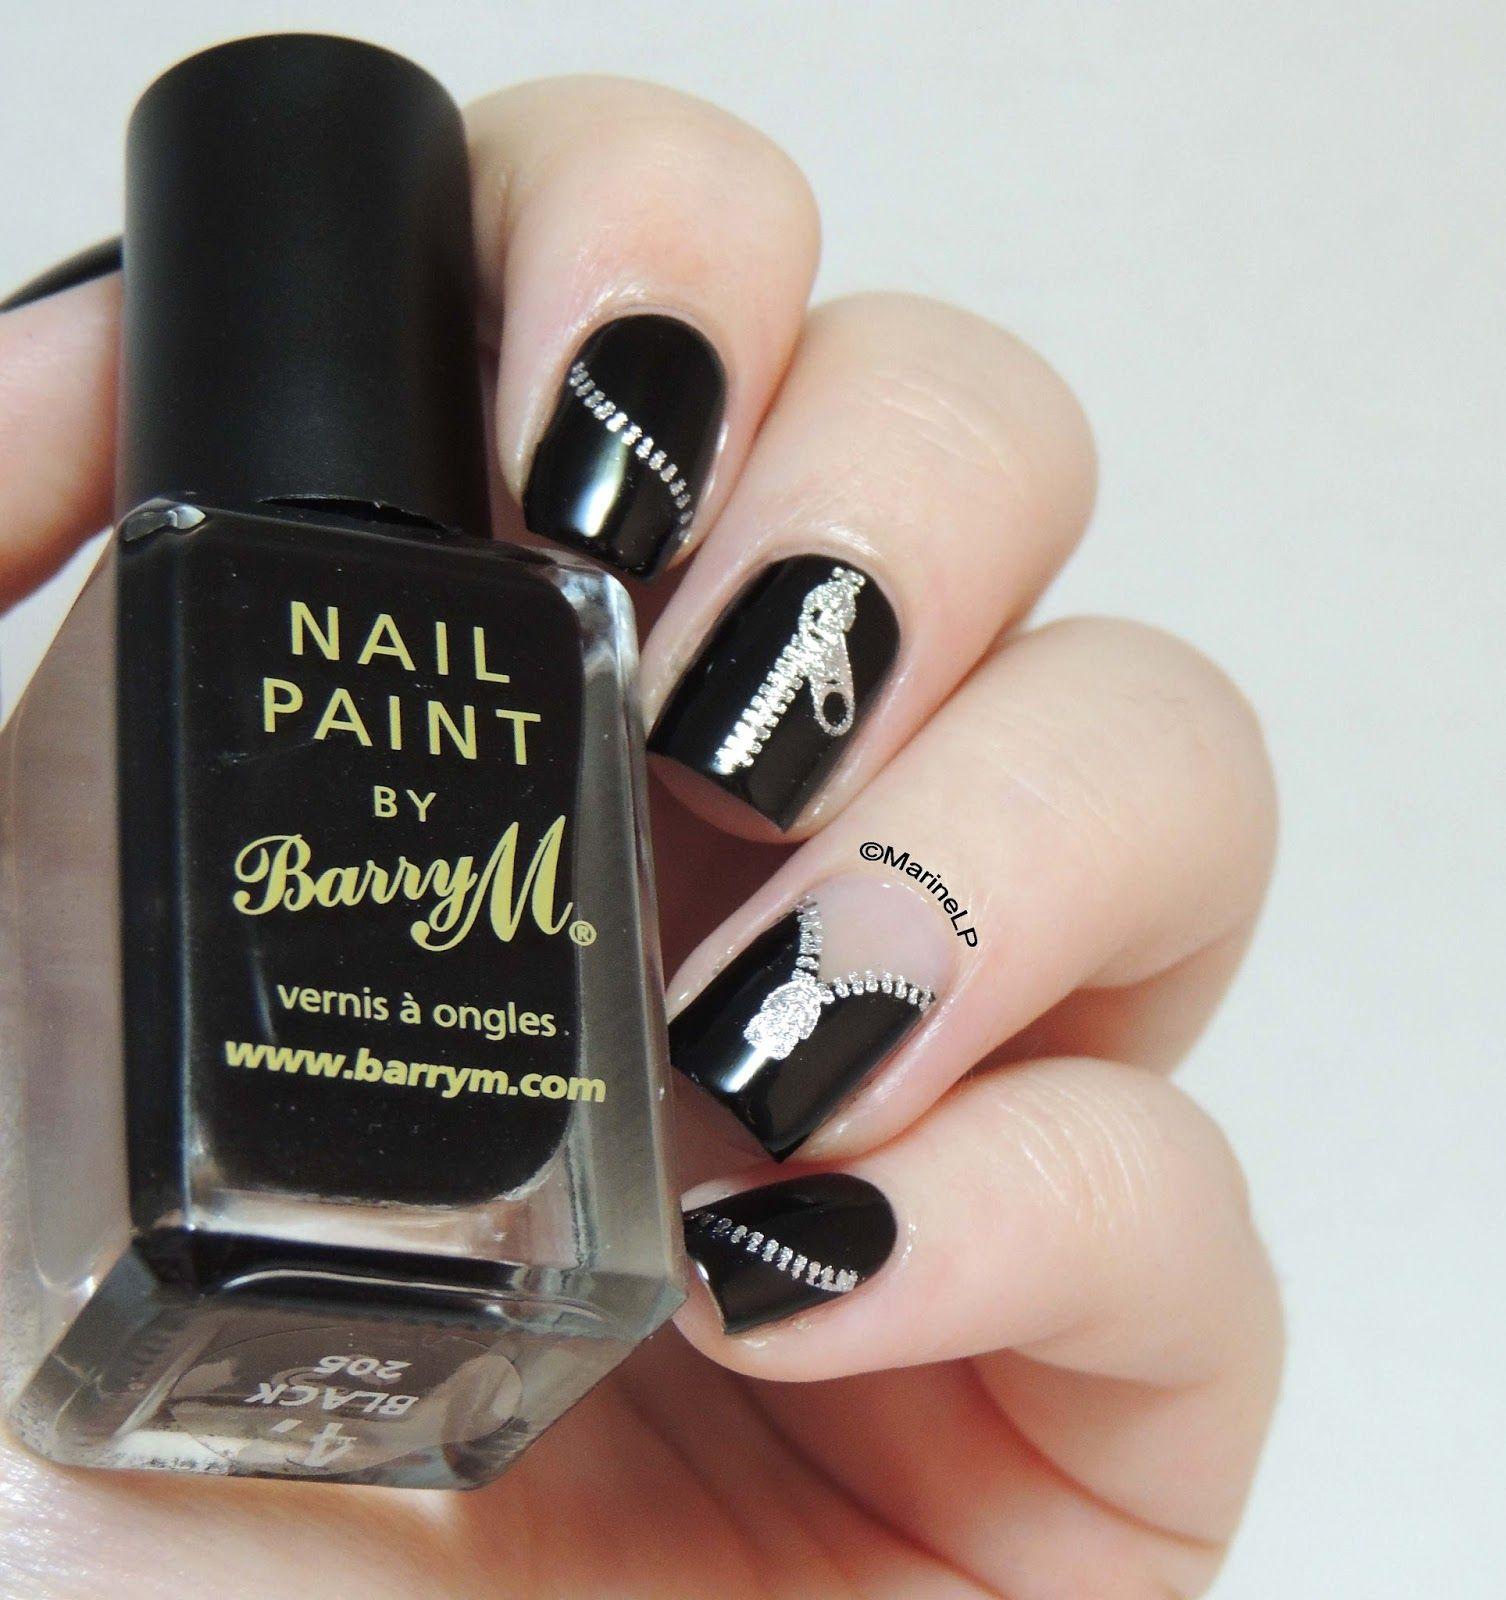 Nailstorming - Rock\'n\'Roll | Nail nail, Mani pedi and Pretty nails